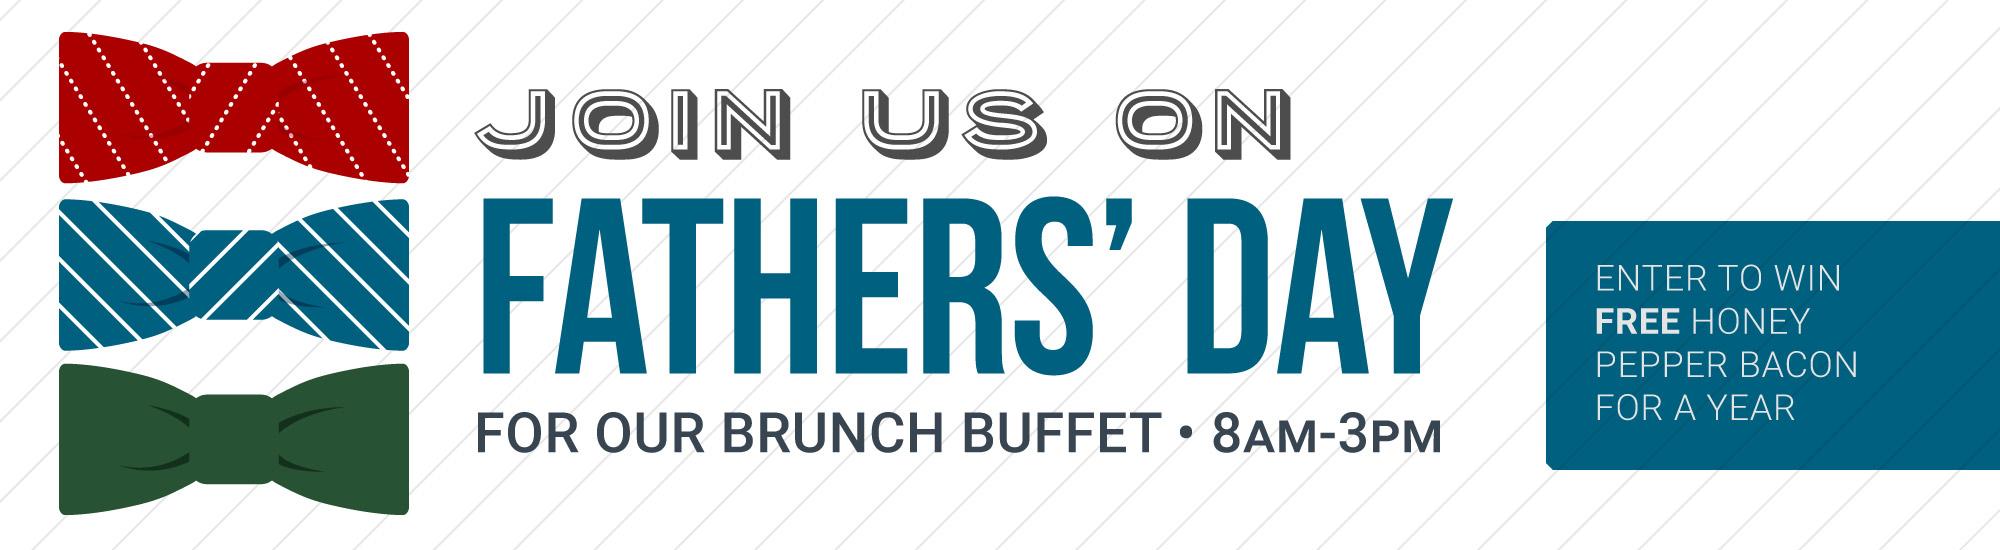 Brunch Buffet on Father's Day | Allen, TX